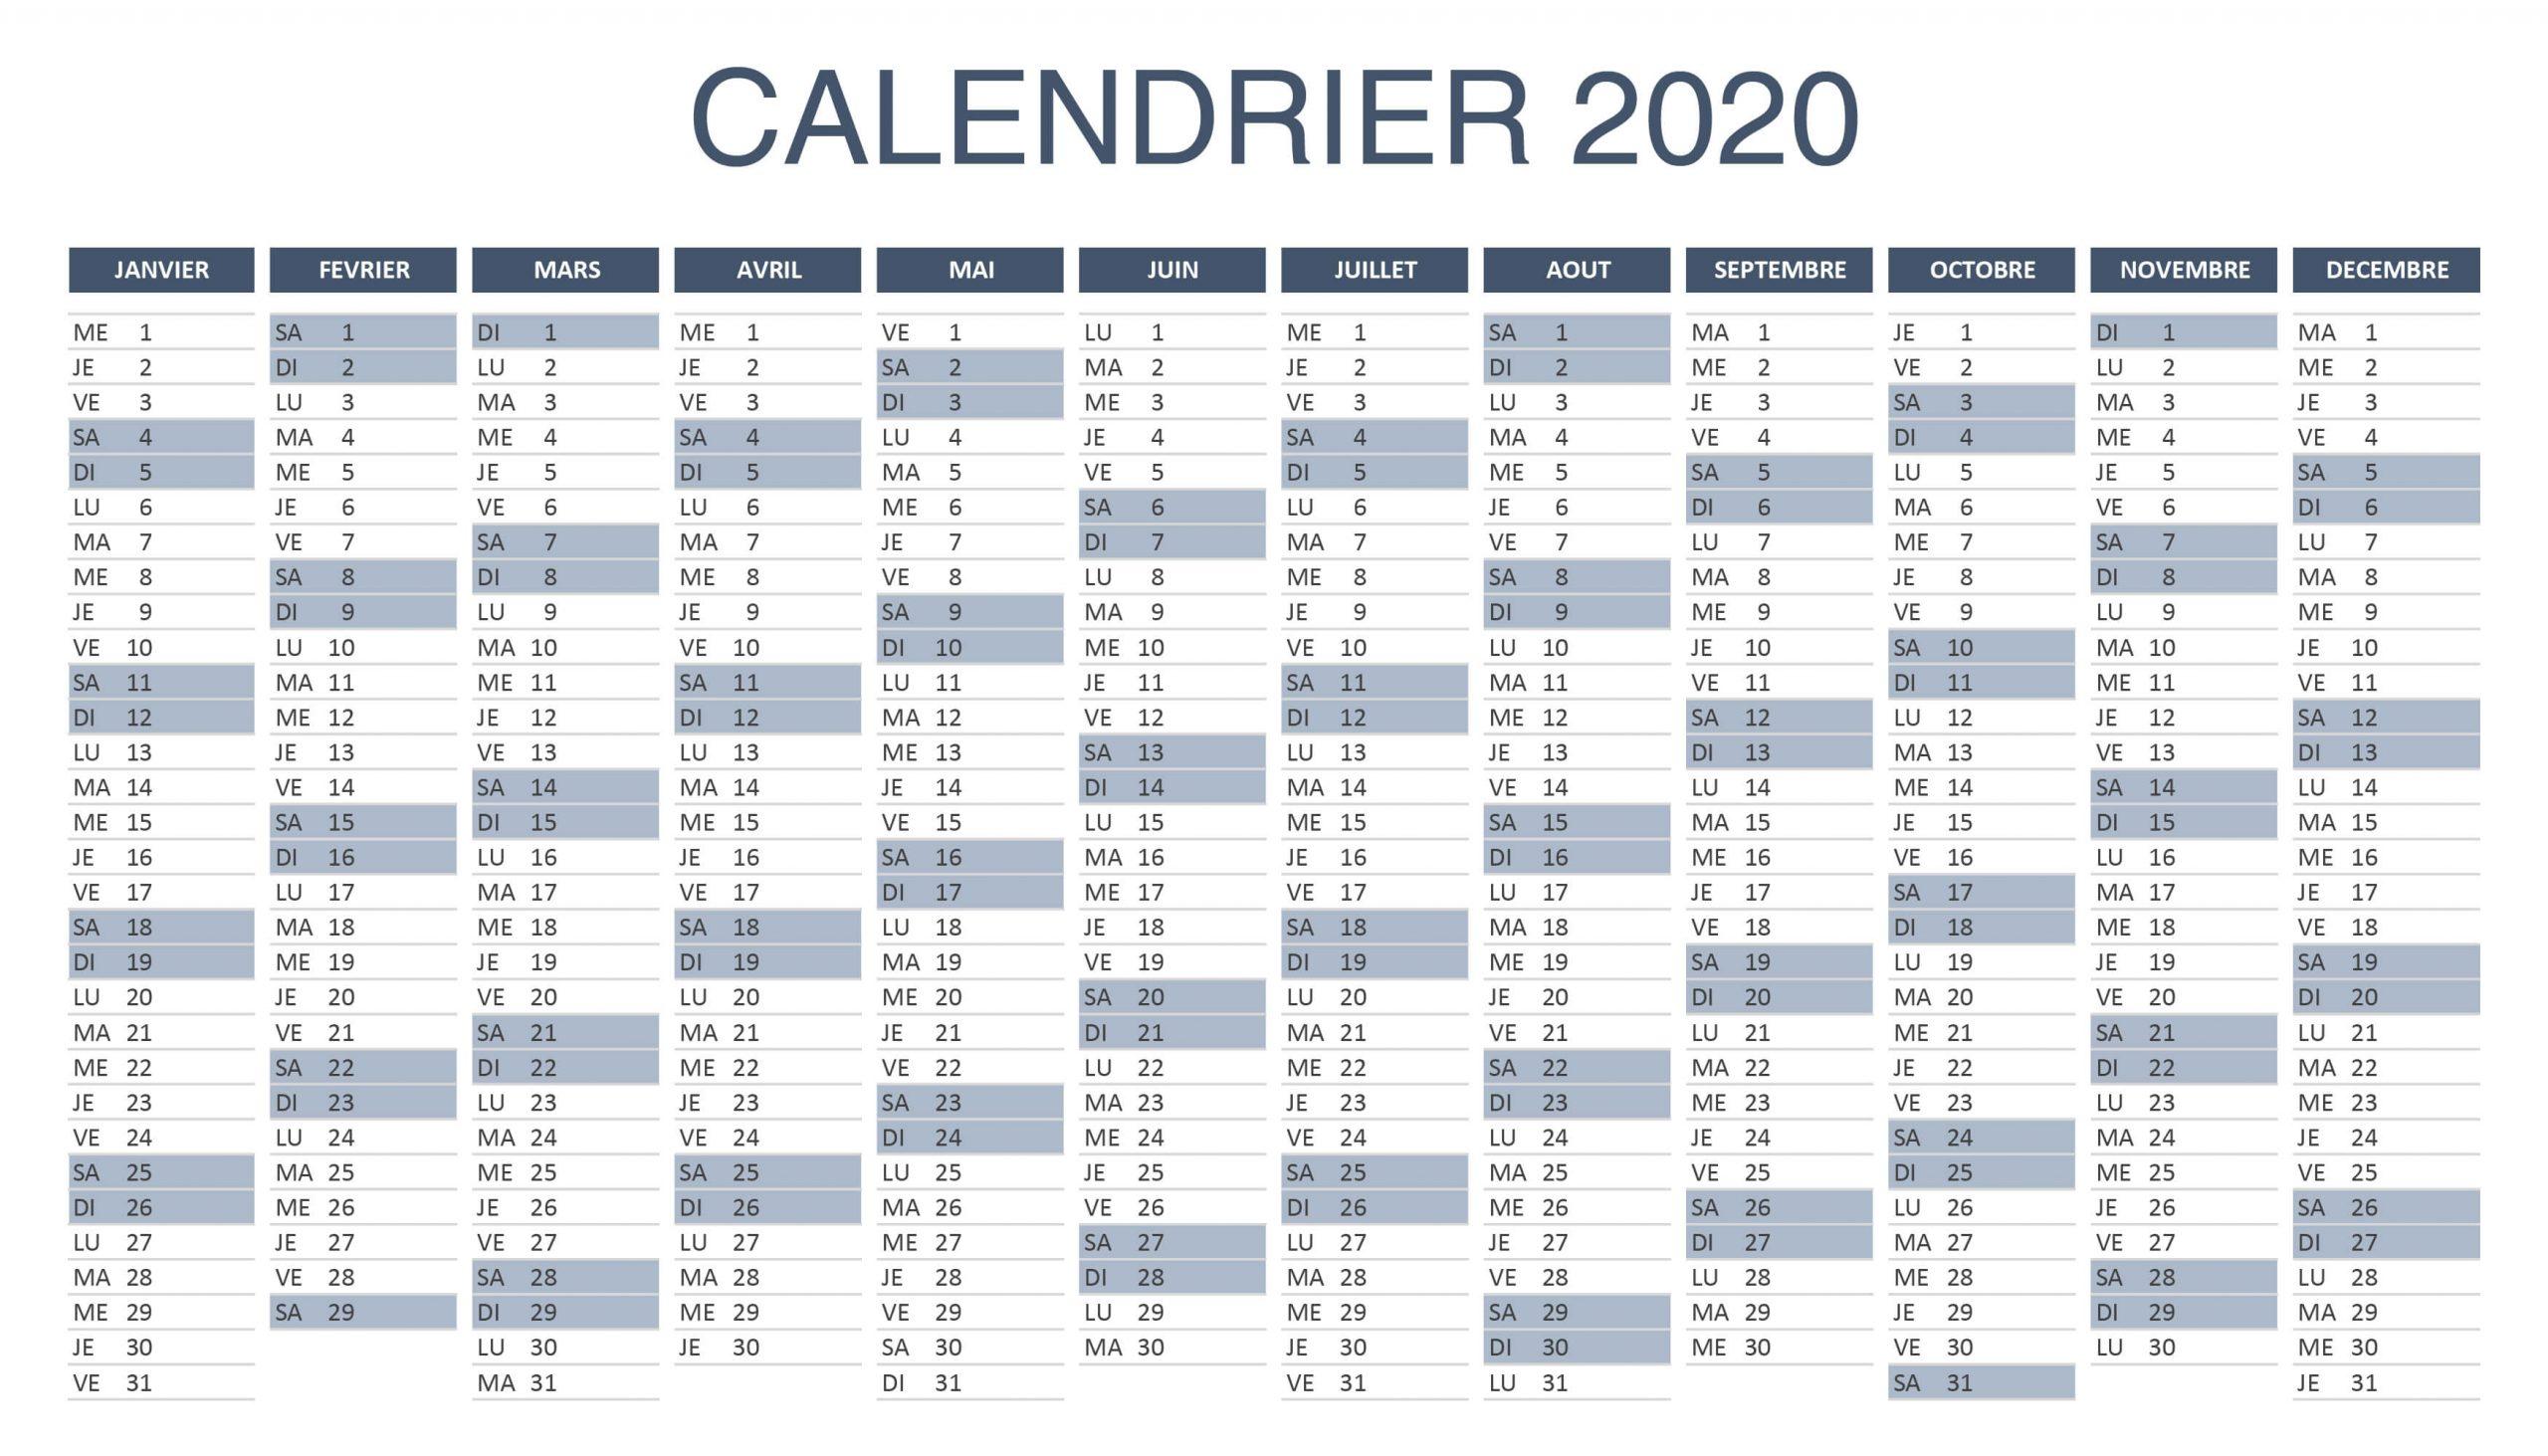 Calendrier 2020 a Imprimer